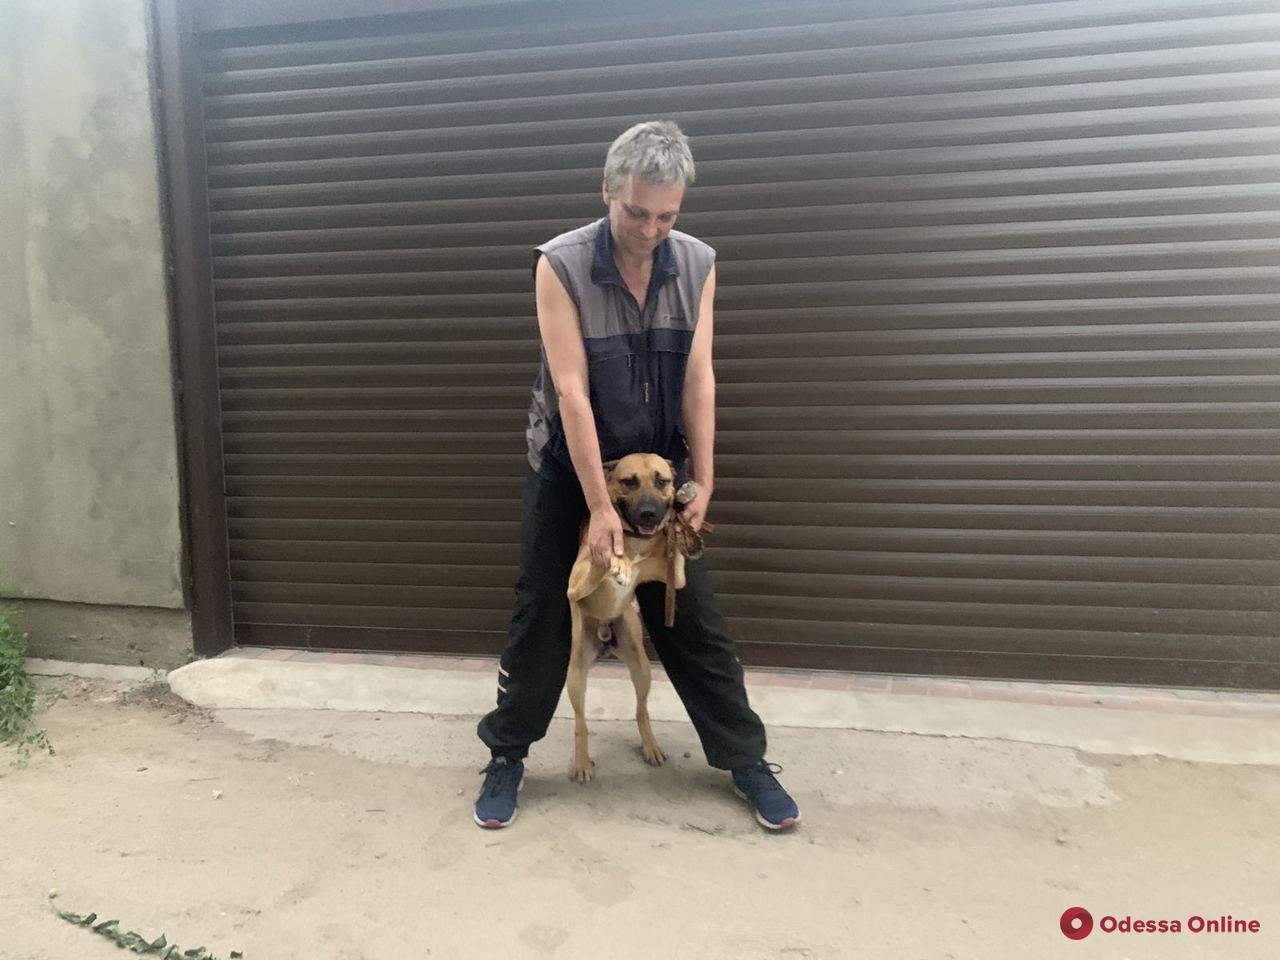 Хэппи-энды случаются: раненый одесским полицейским пес вернулся к хозяину